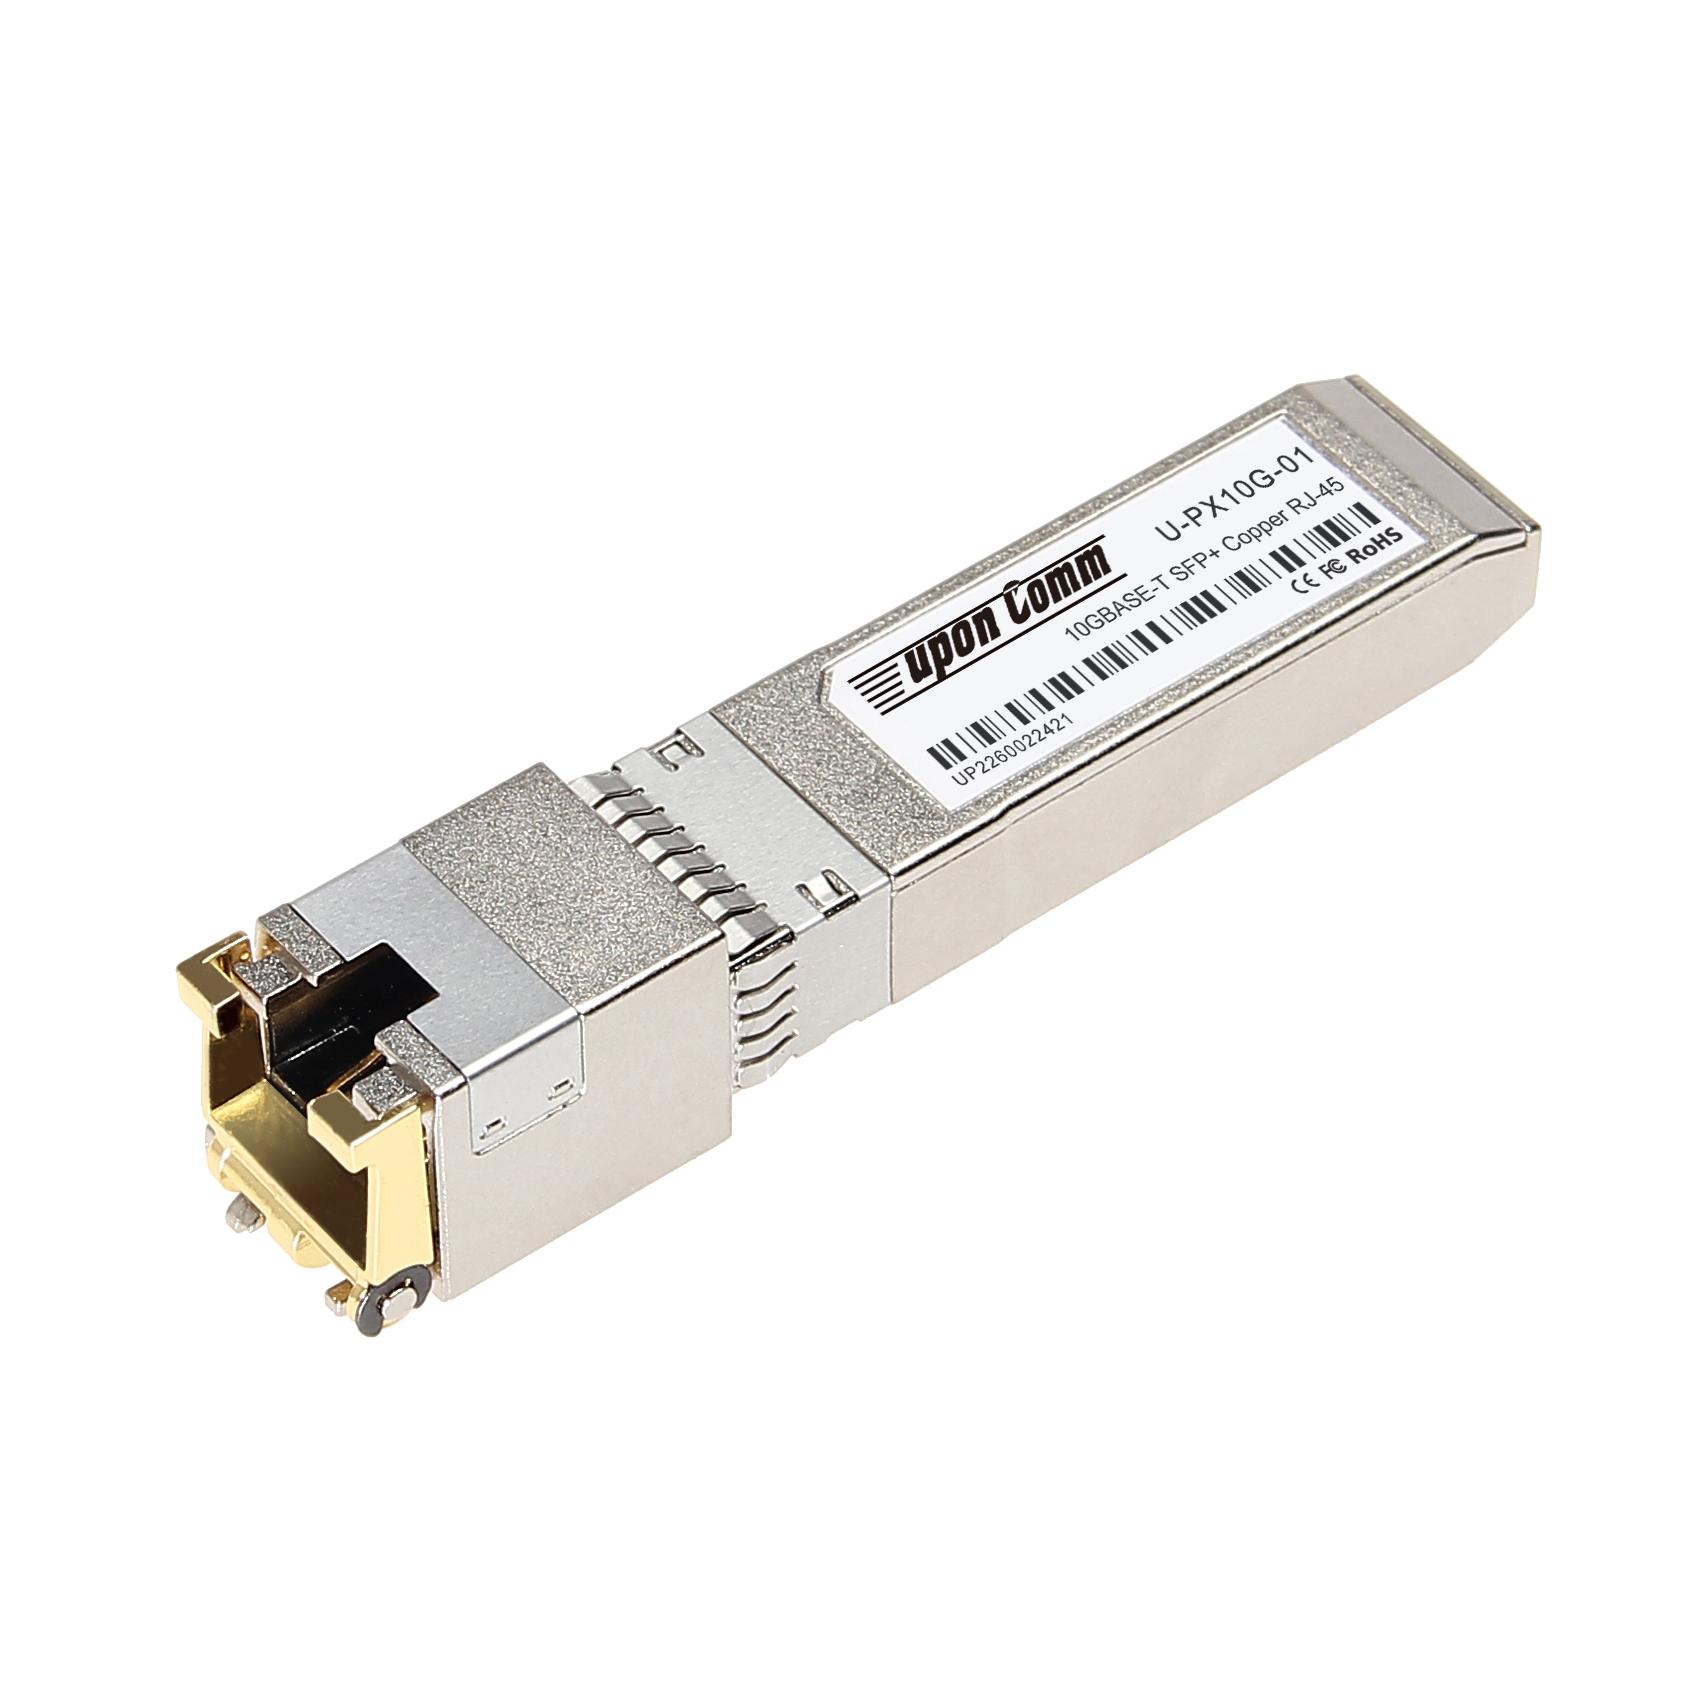 Compatible 10GBASE-T SFP+ Copper RJ-45 3m Transceiver Module